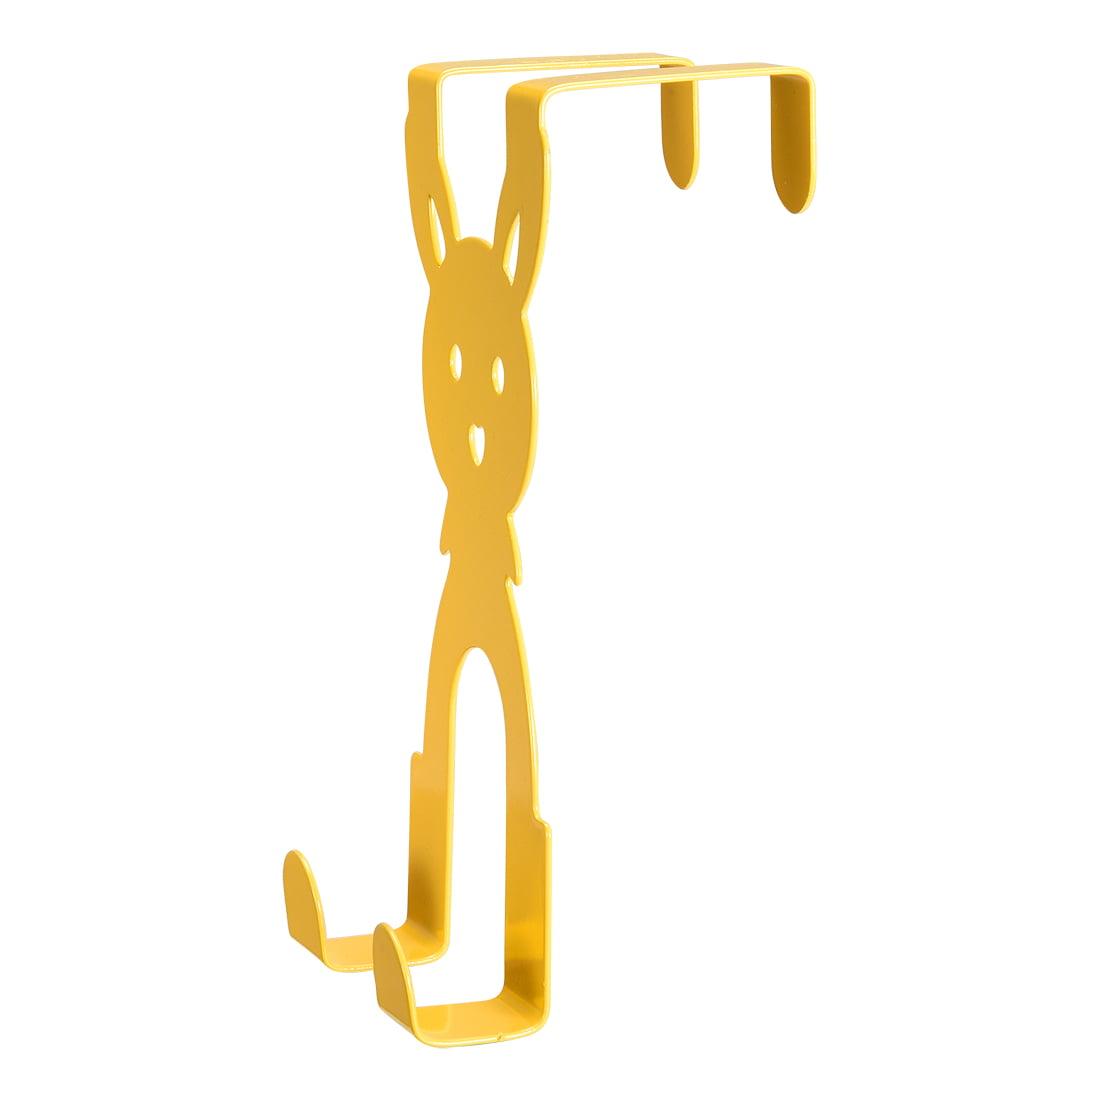 Sturdy Over the Door Hooks Reversible Over-Door Cabinet Drawer Hanger 147mm x 71mm Yellow 6pcs - image 2 of 3